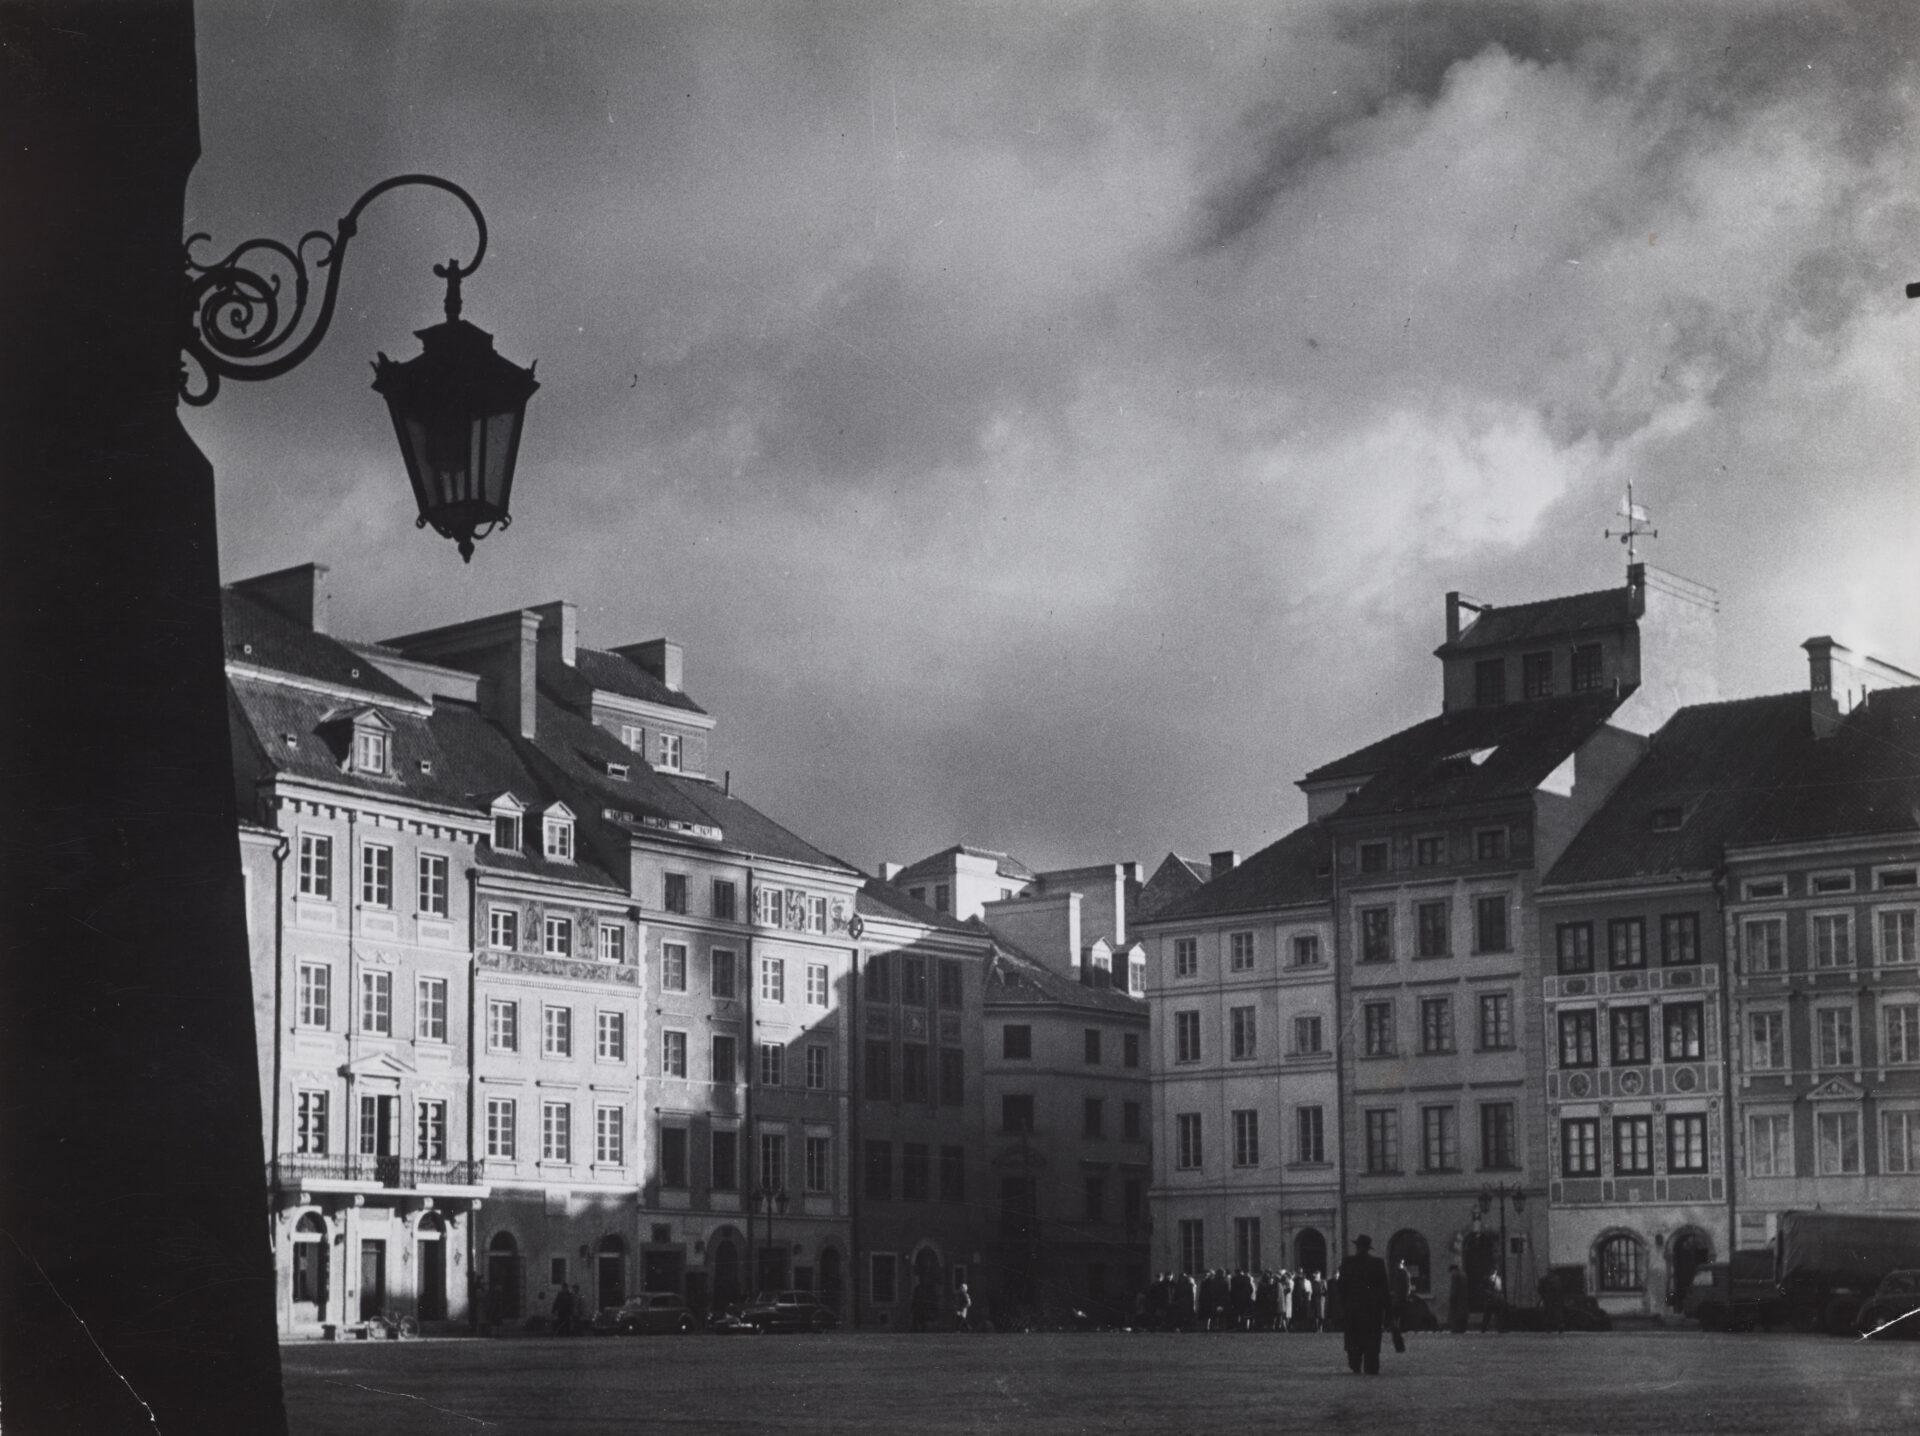 Czarno-białe zdjęcie widok naRynek Starego Miasta.